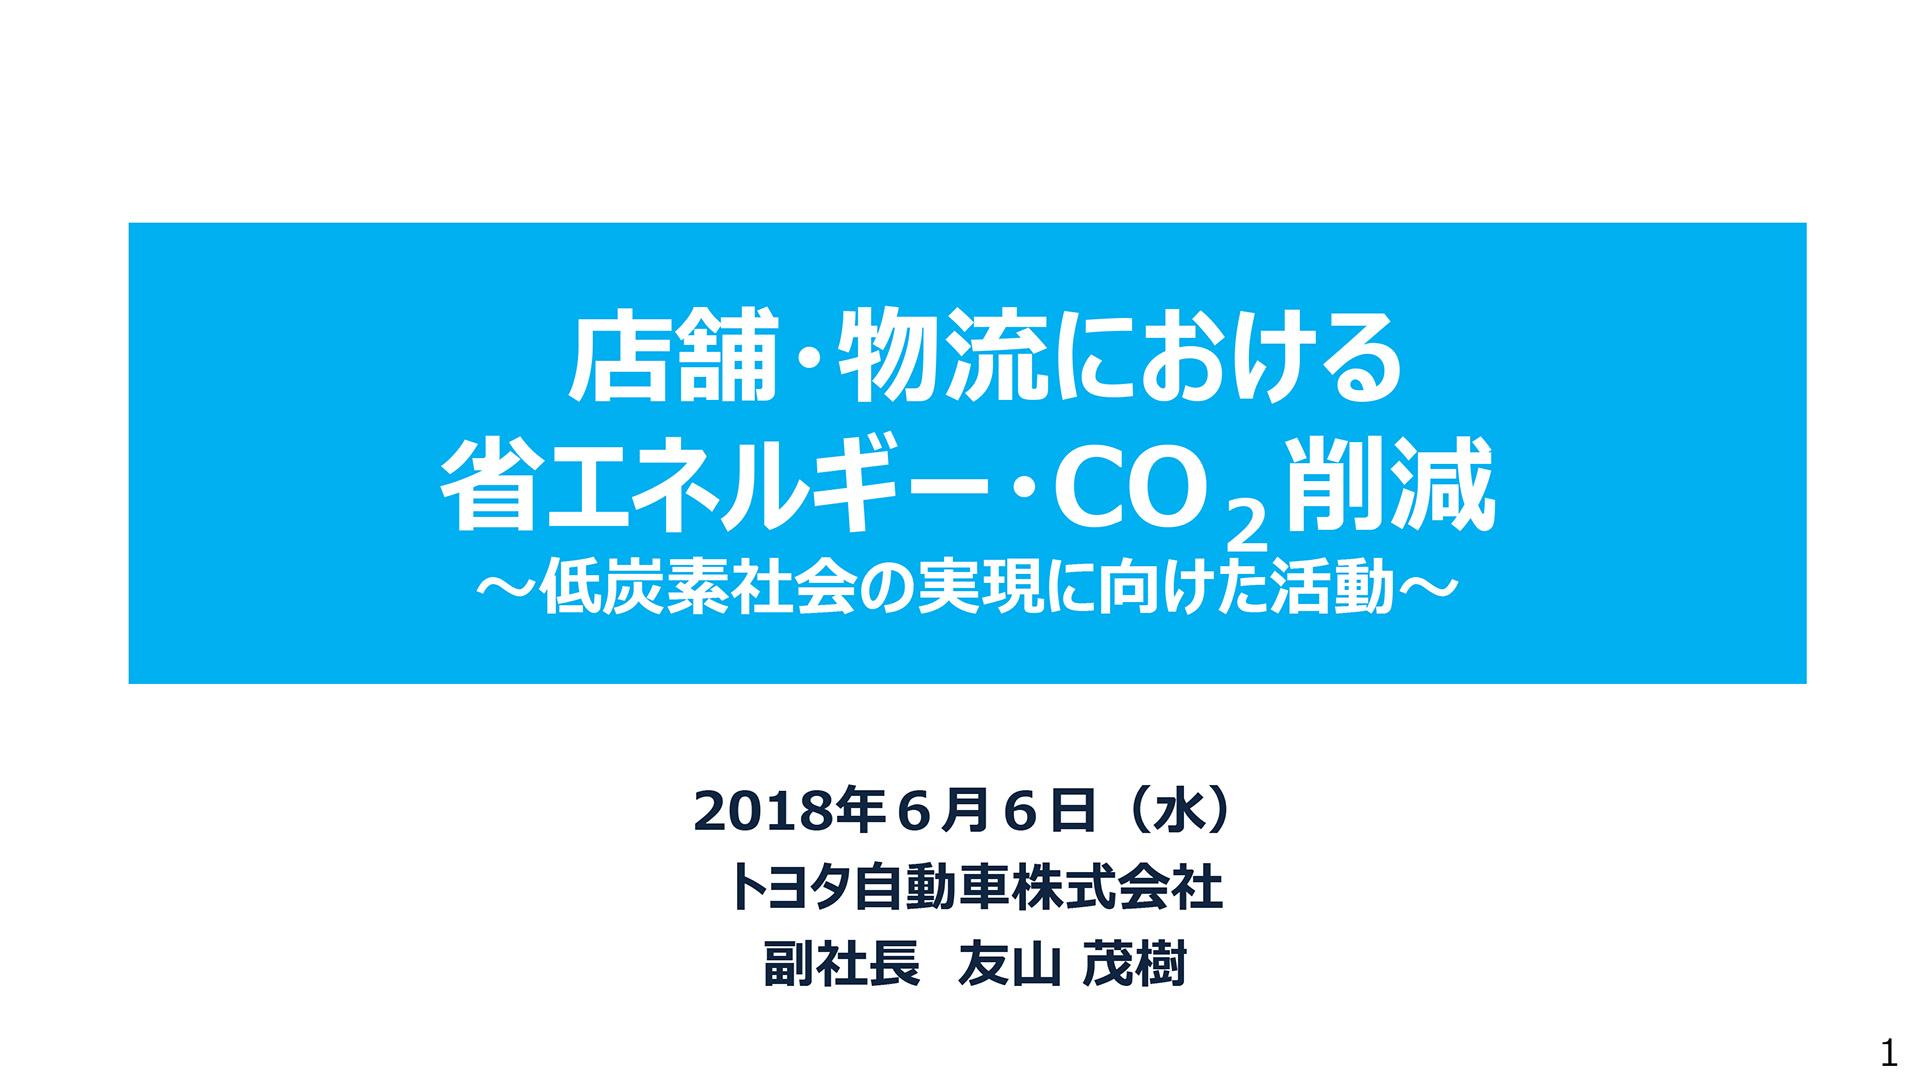 店舗・物流における省エネルギー・CO2削減